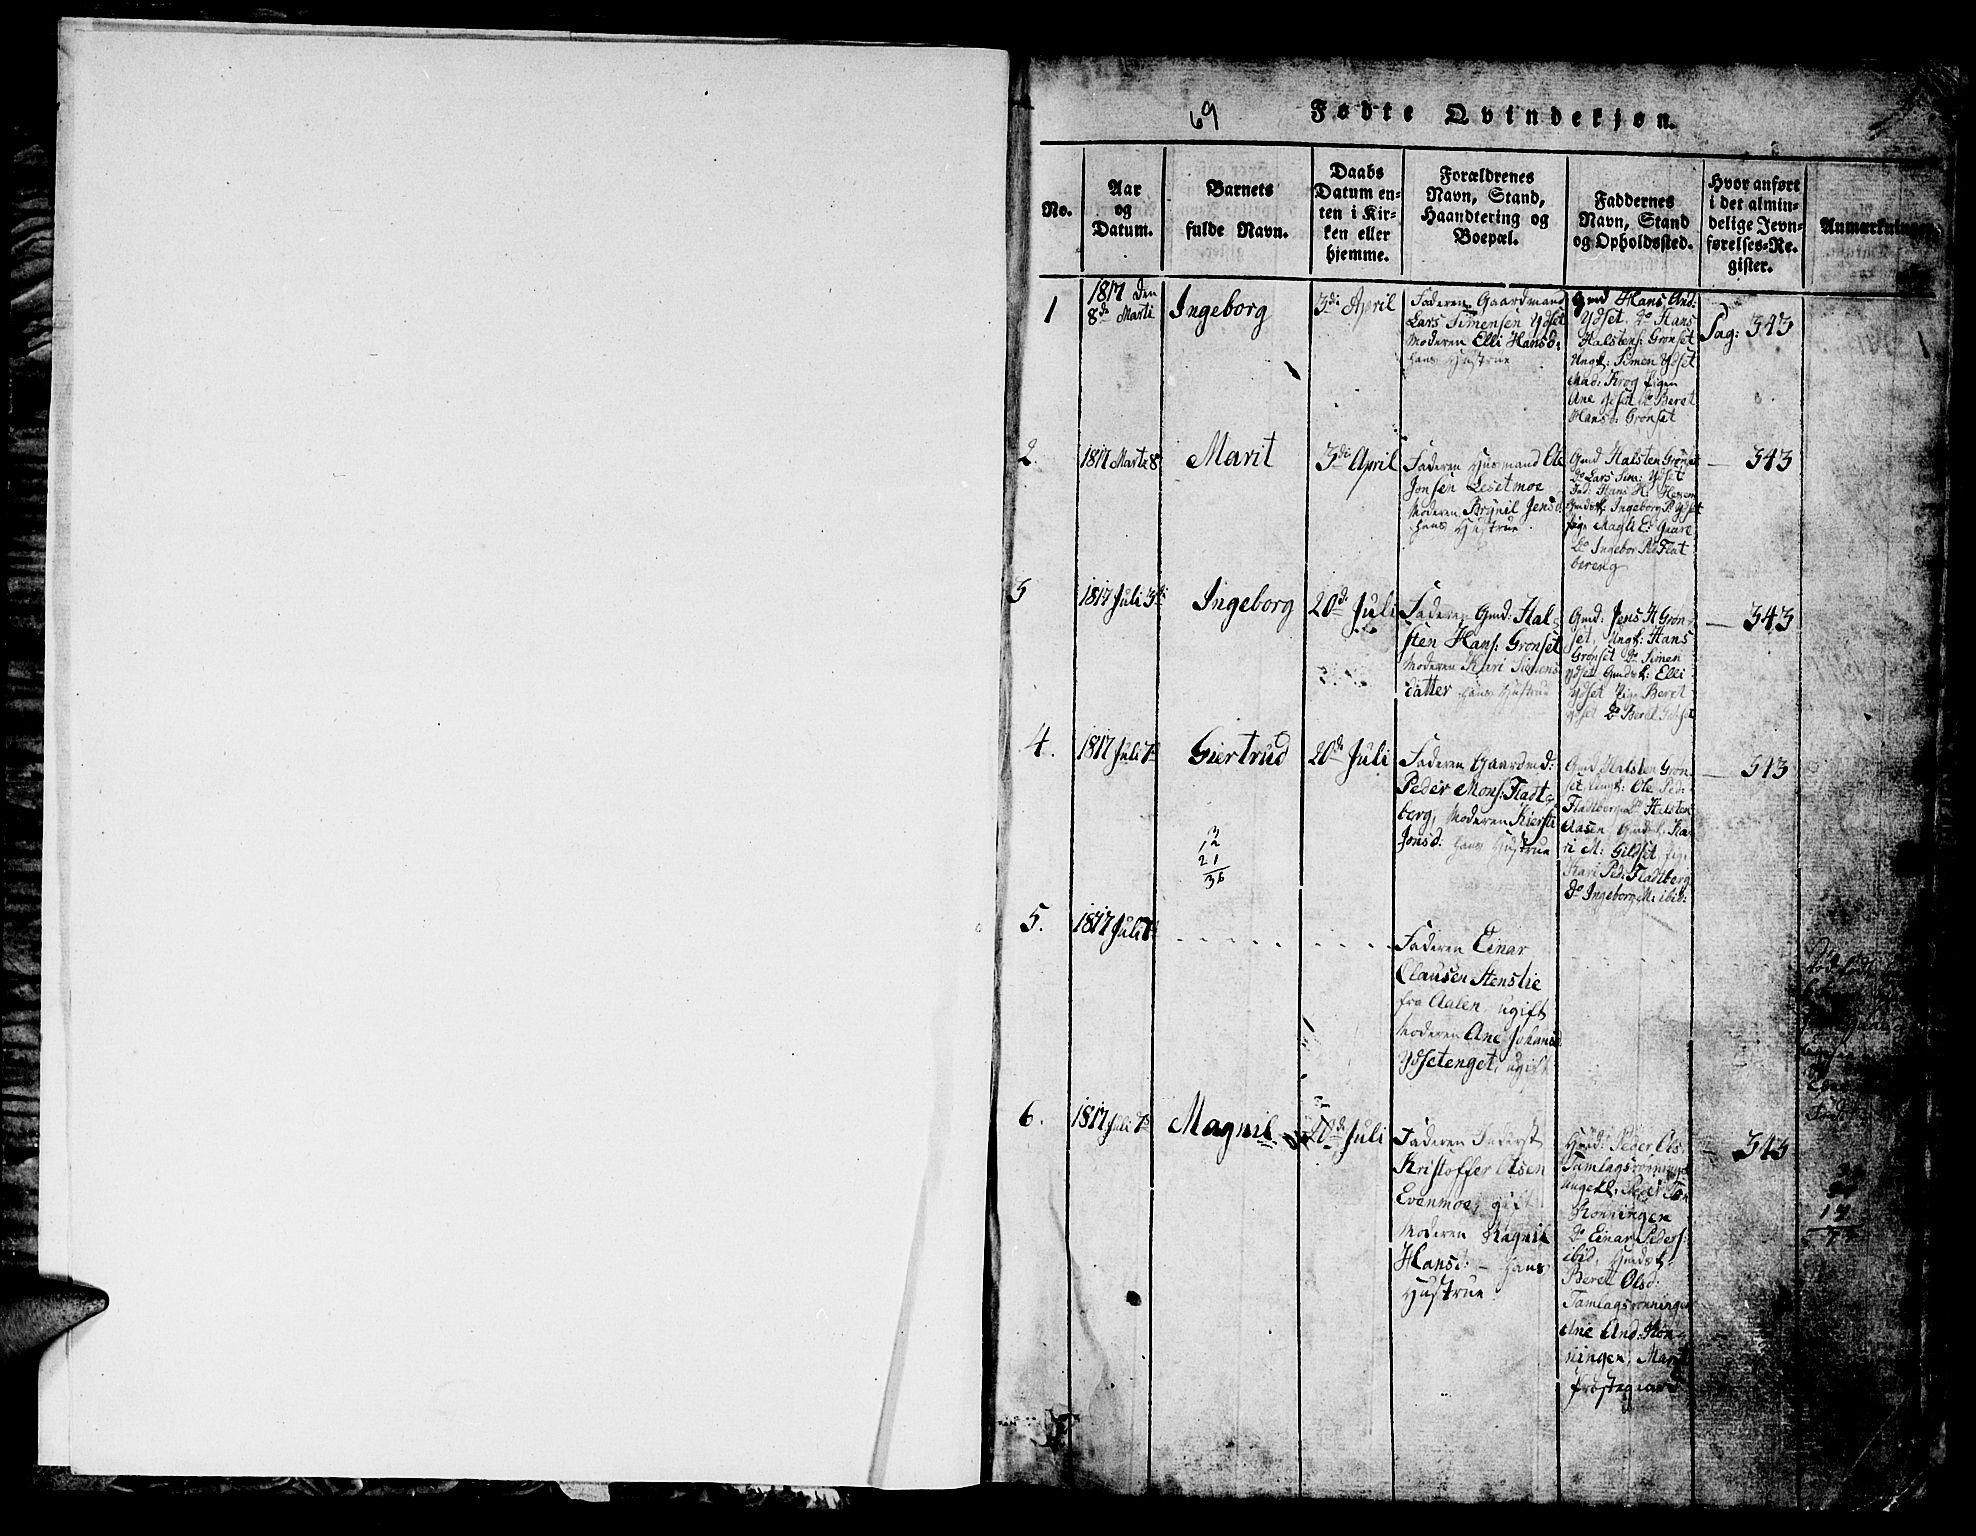 SAT, Ministerialprotokoller, klokkerbøker og fødselsregistre - Sør-Trøndelag, 685/L0976: Klokkerbok nr. 685C01, 1817-1878, s. 1